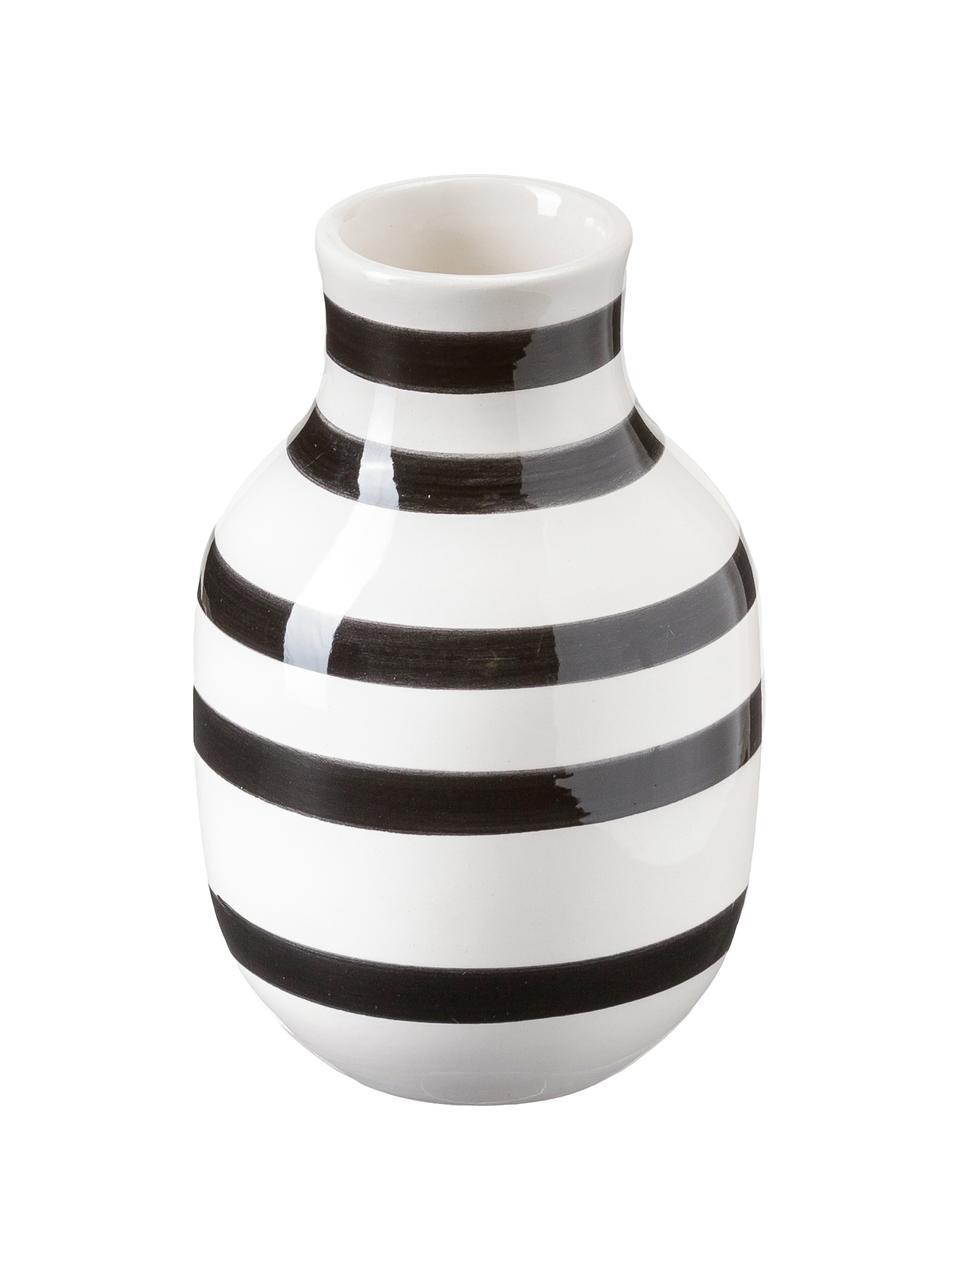 Duży ręcznie wykonany wazon Omaggio, Ceramika, Czarny, biały, Ø 8 x  W 13 cm